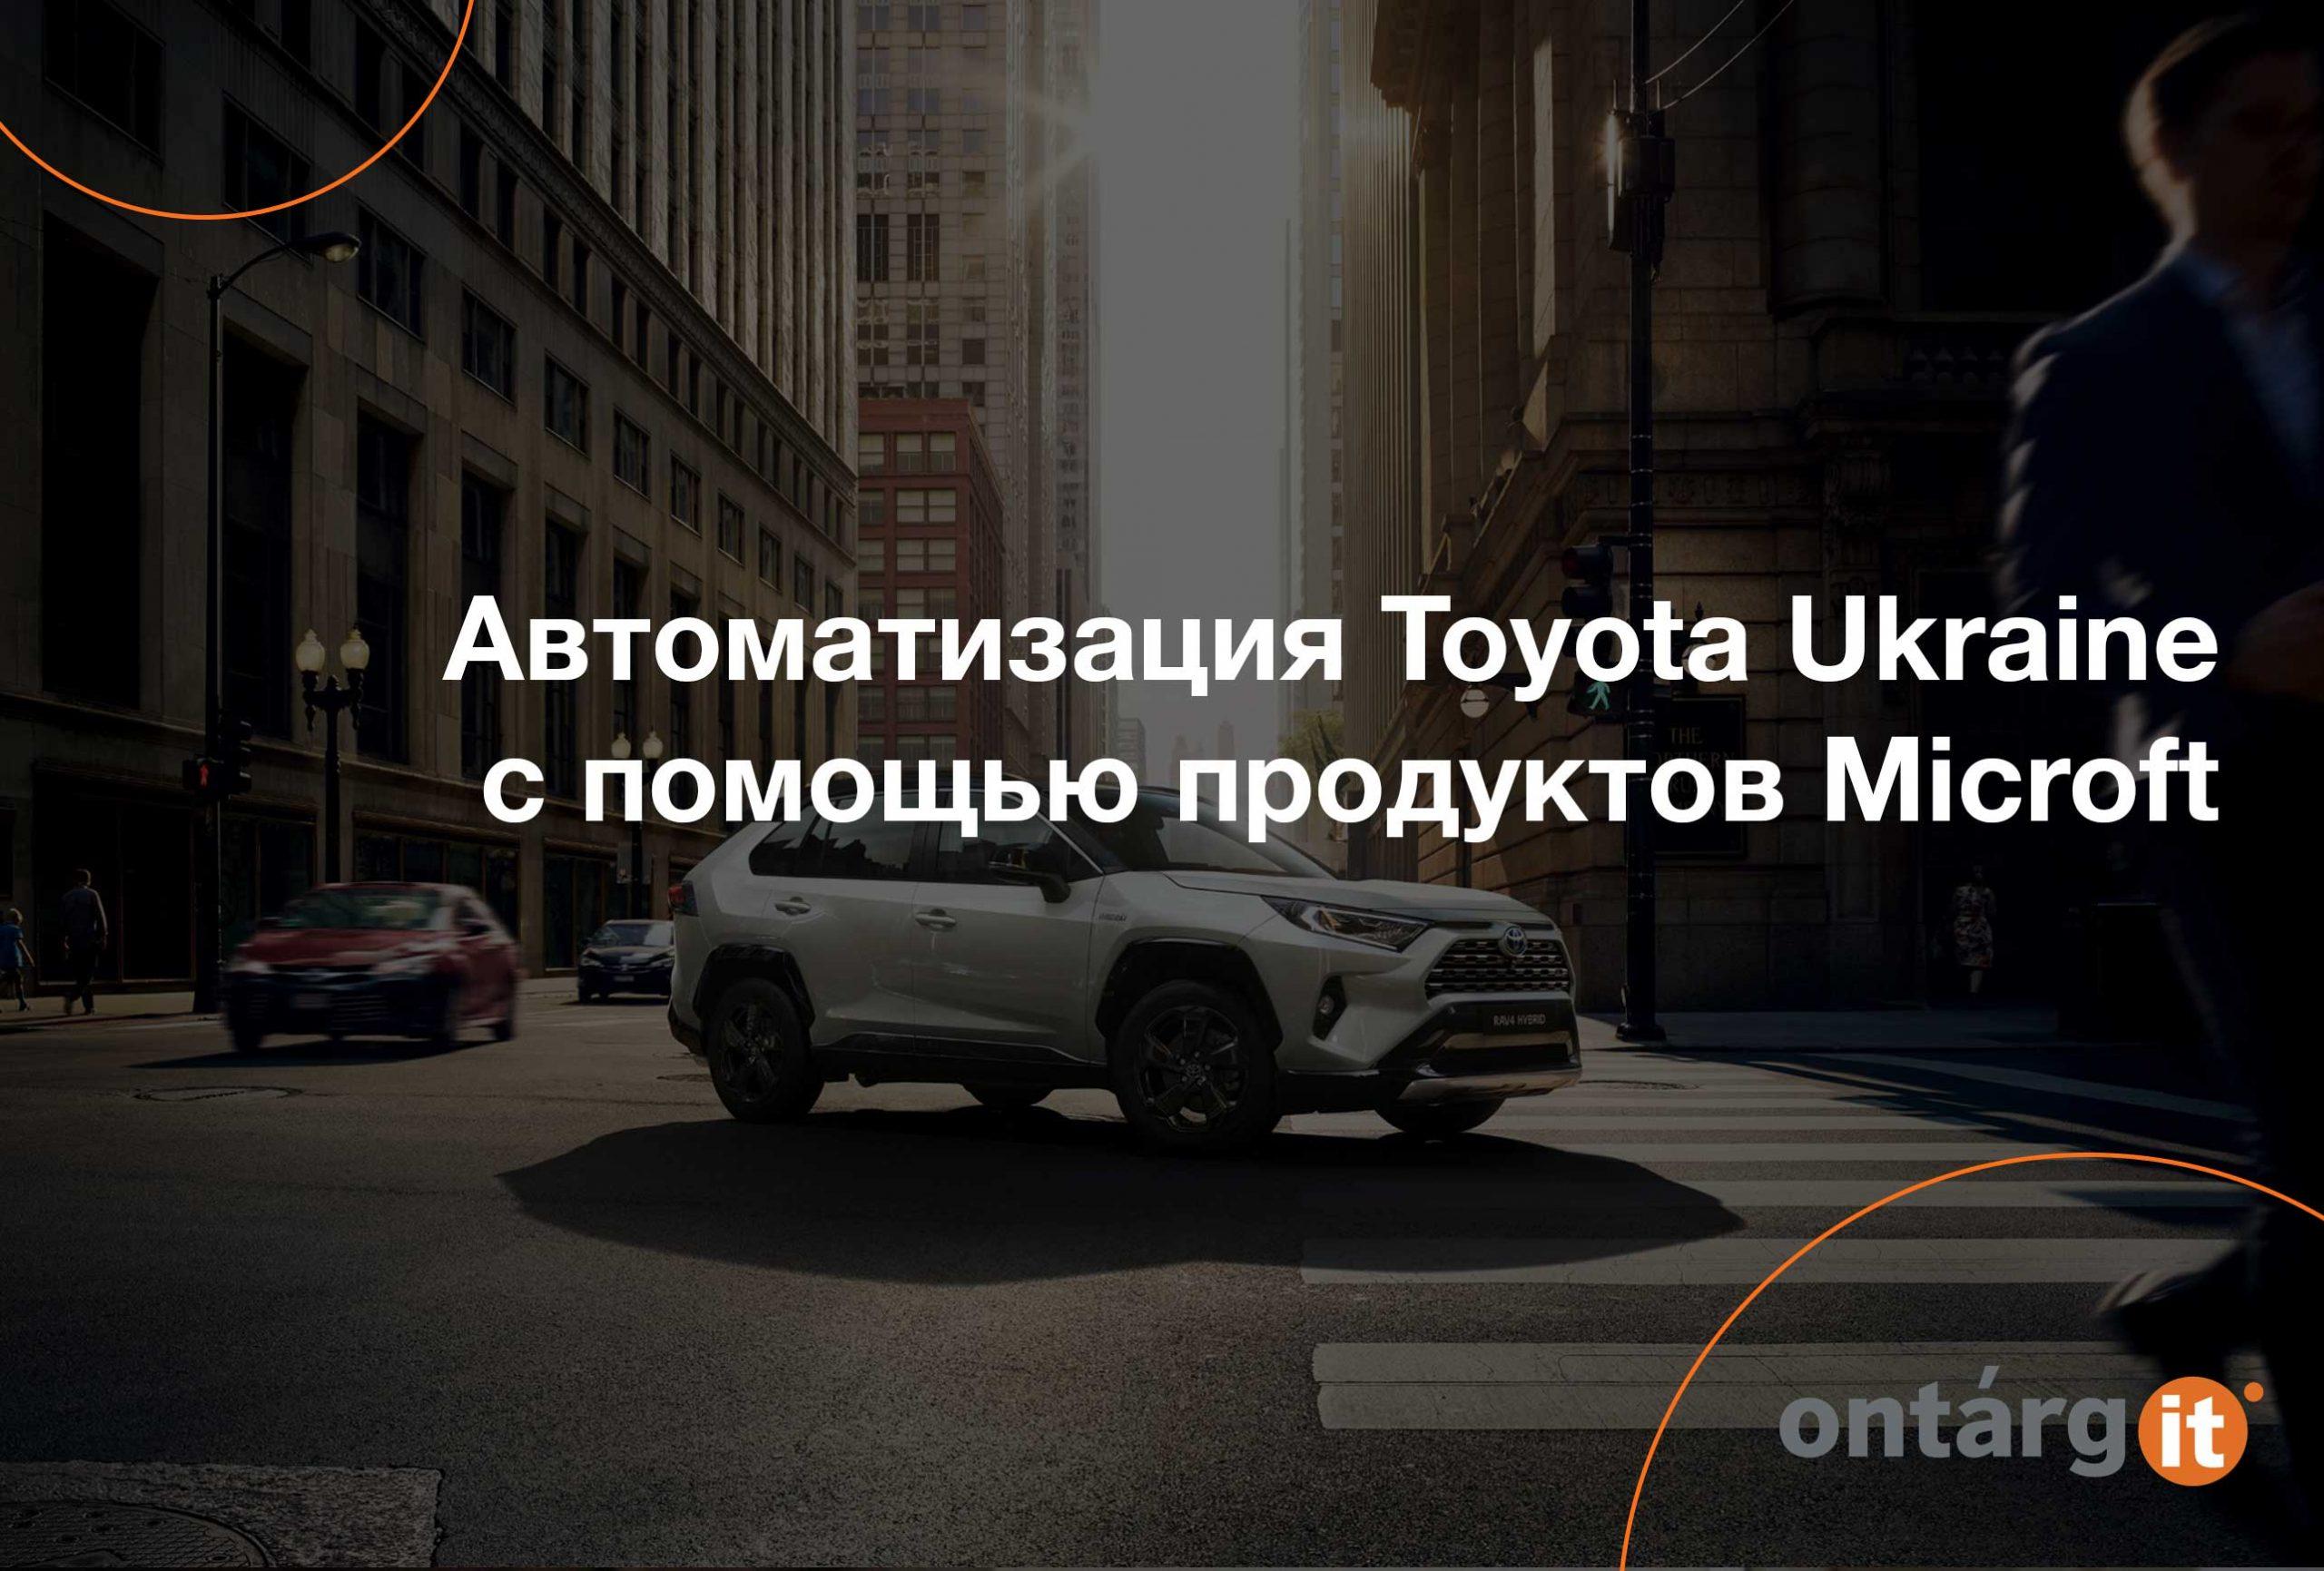 Автоматизация Toyota Ukraine с помощью продуктов Microft